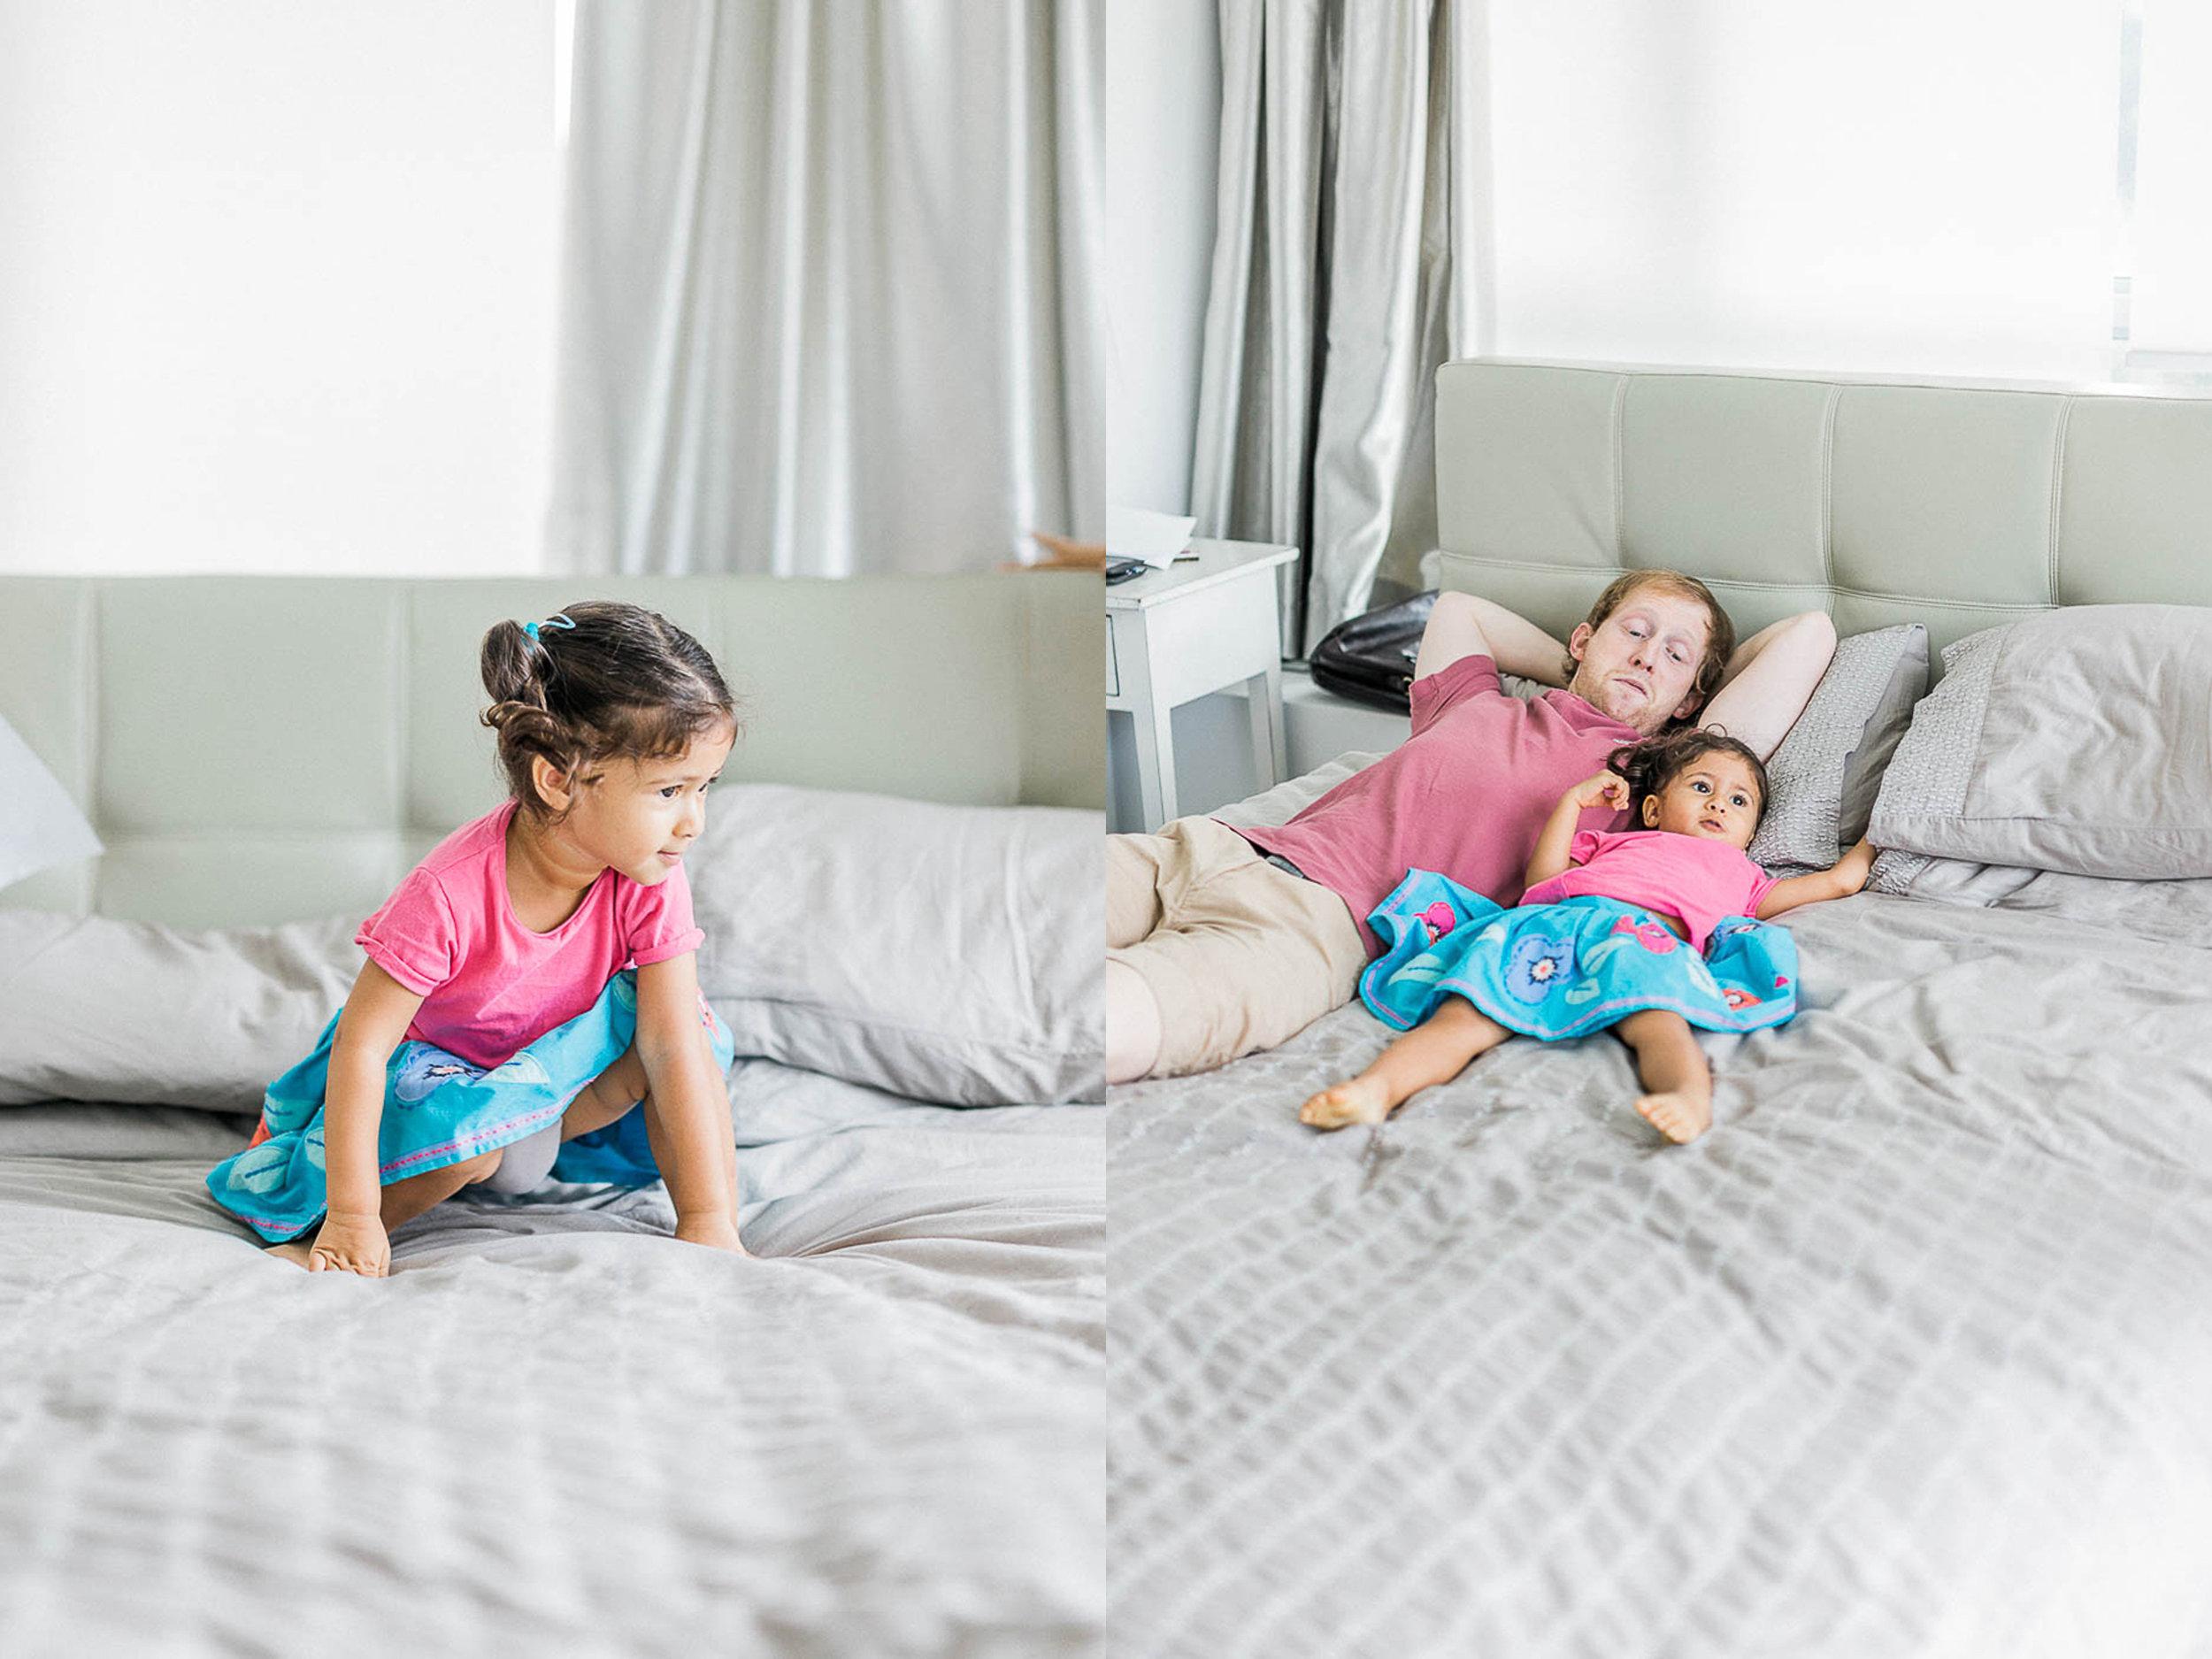 family-photographer-singapore-film-photographer-chen-sands-Gibbons-2.jpg